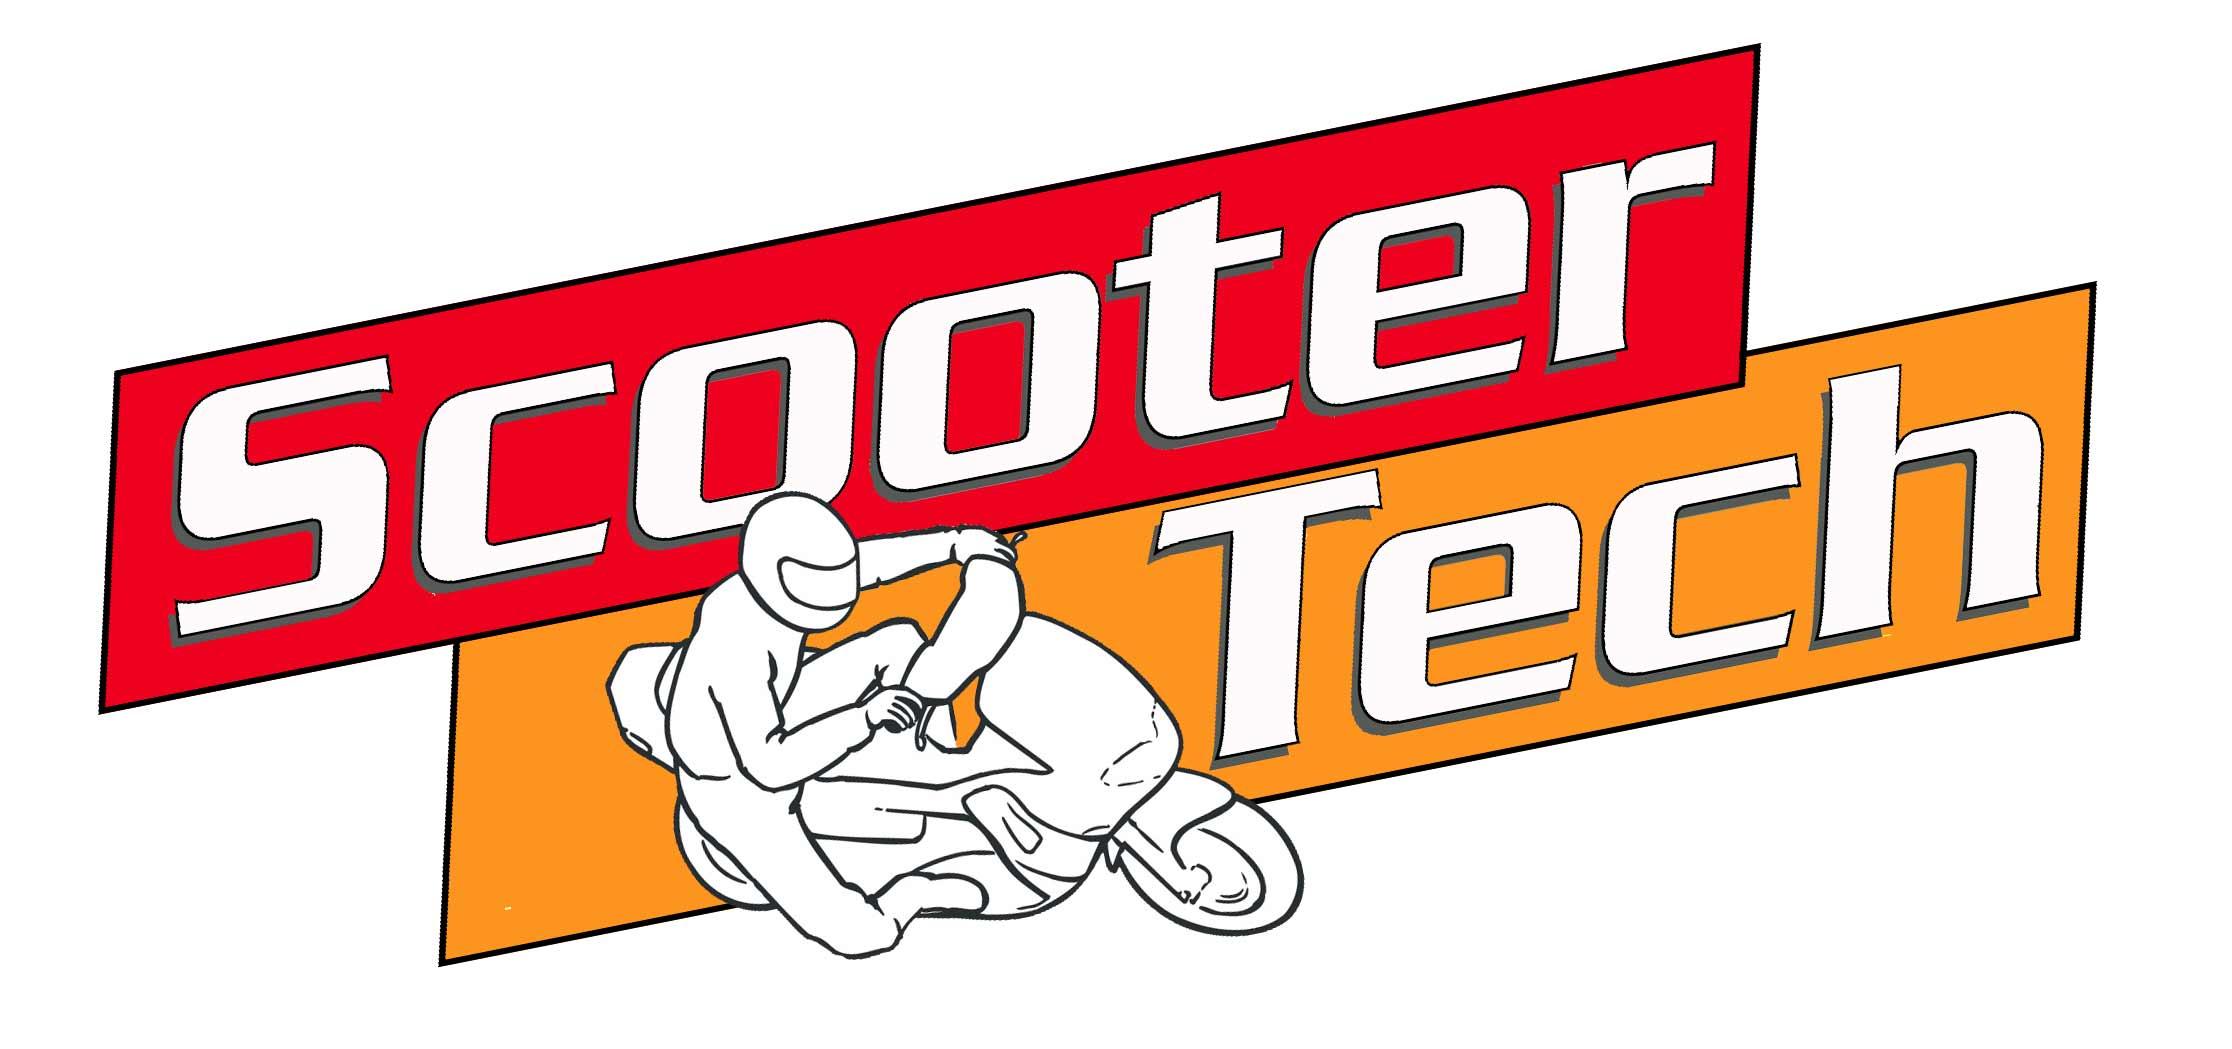 Scootertech Logo